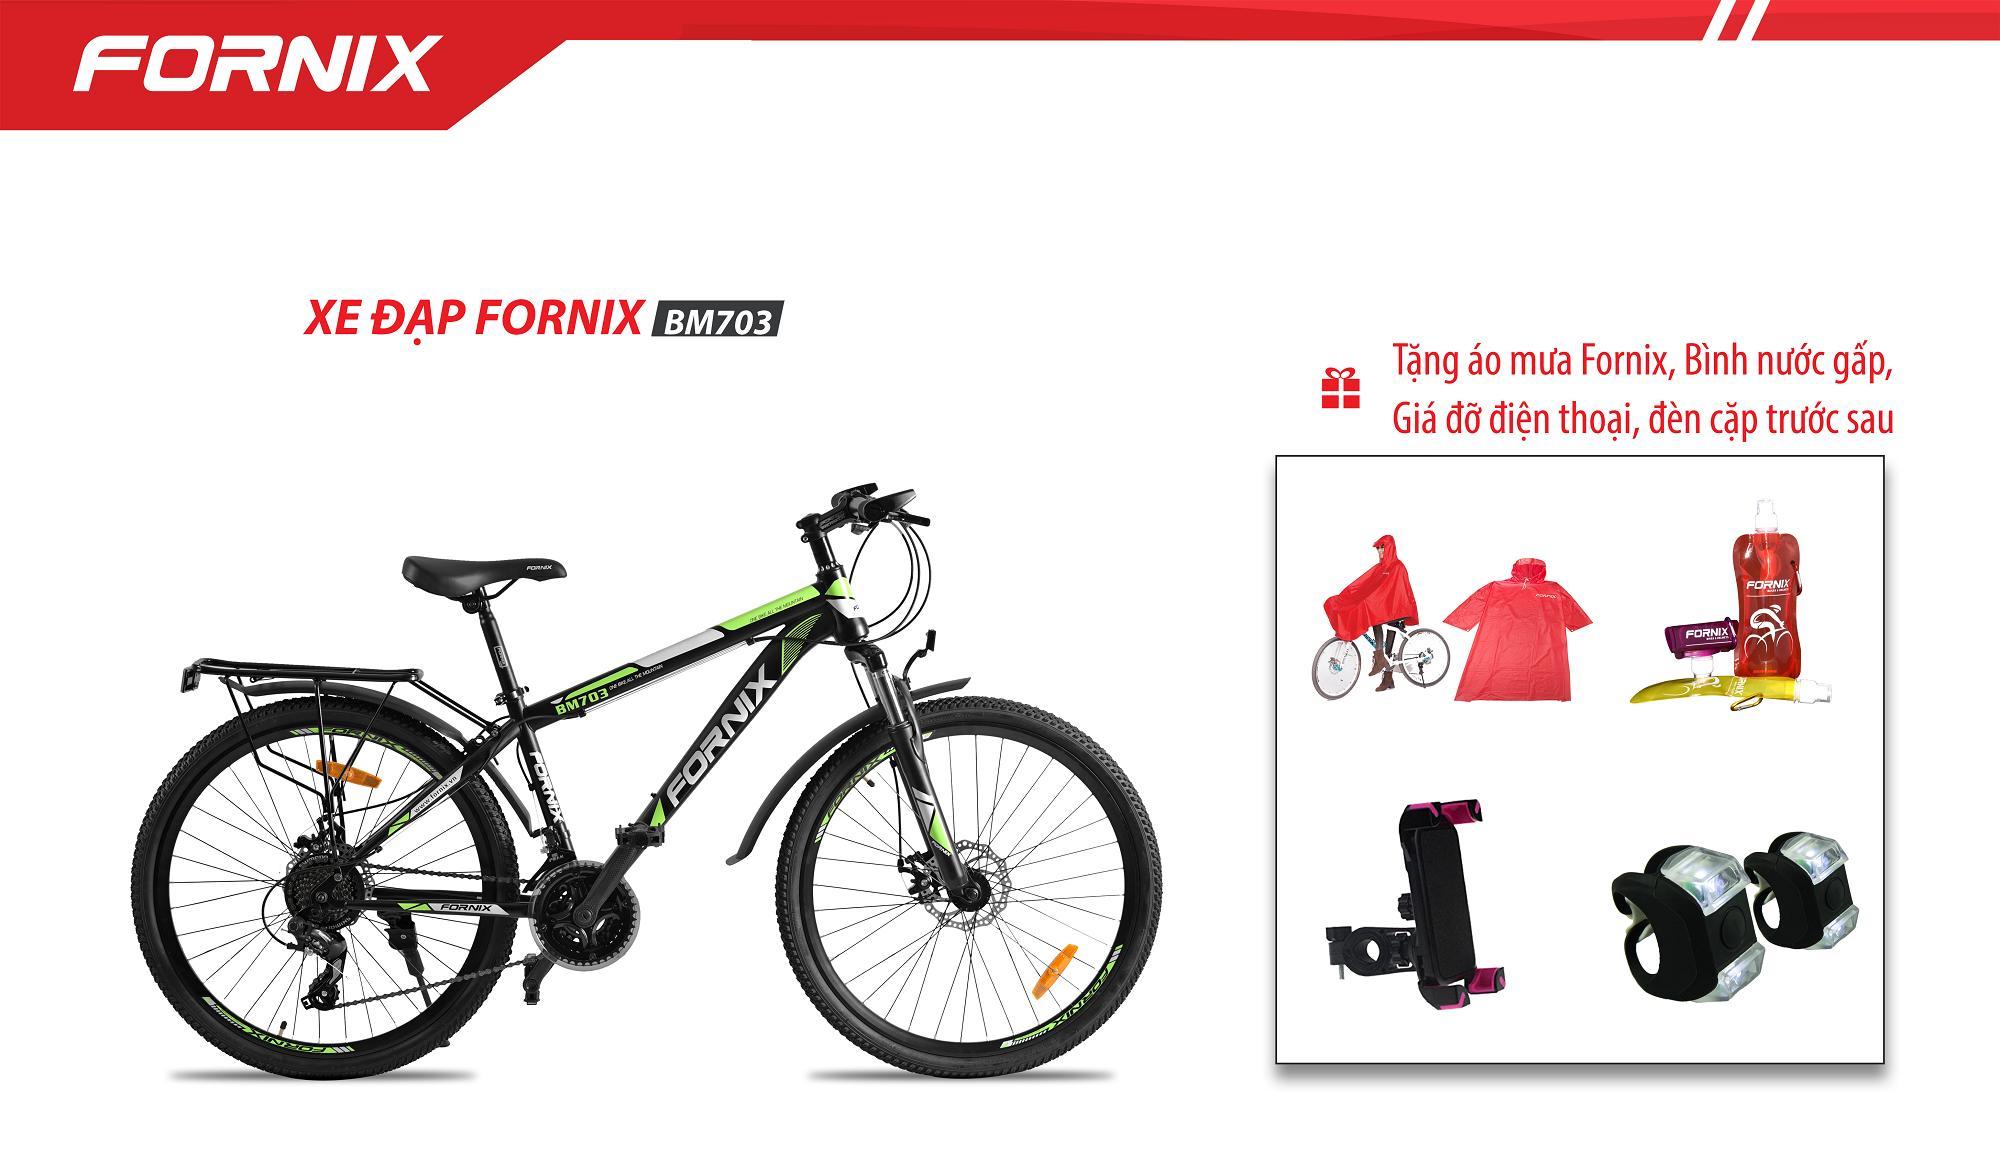 Xe đạp địa hình hiệu FORNIX BM703 + 4 quà tặng (áo mưa fornix-bình nước gấp-giá đỡ điện thoại-đèn cặp trước sau)